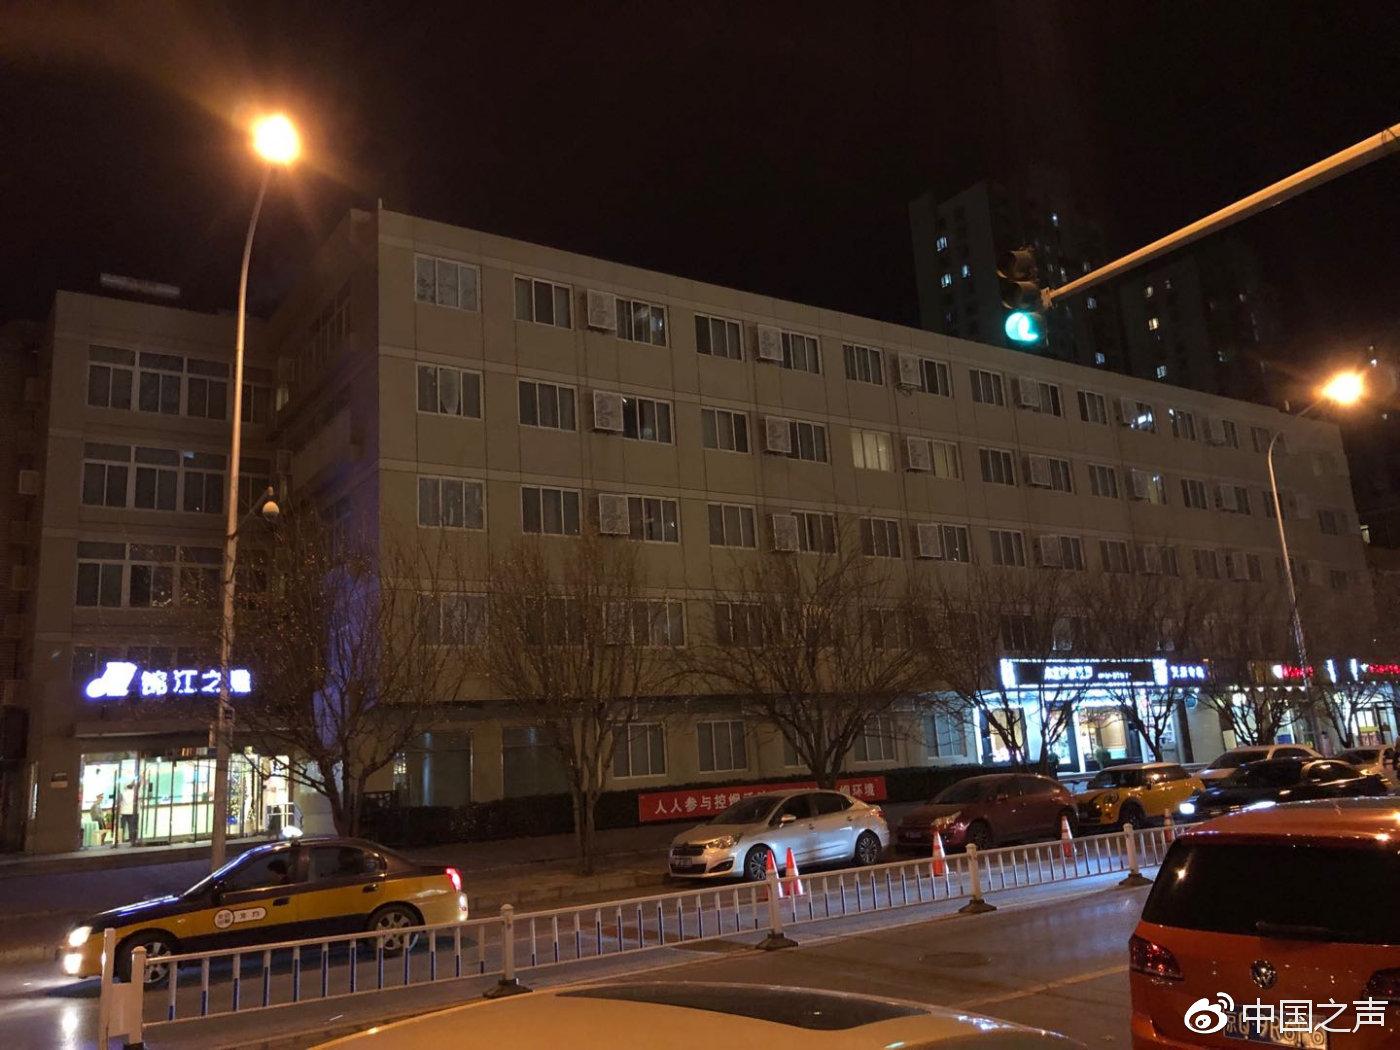 学校宿舍变快捷酒店 北京一教育规划用地被商用